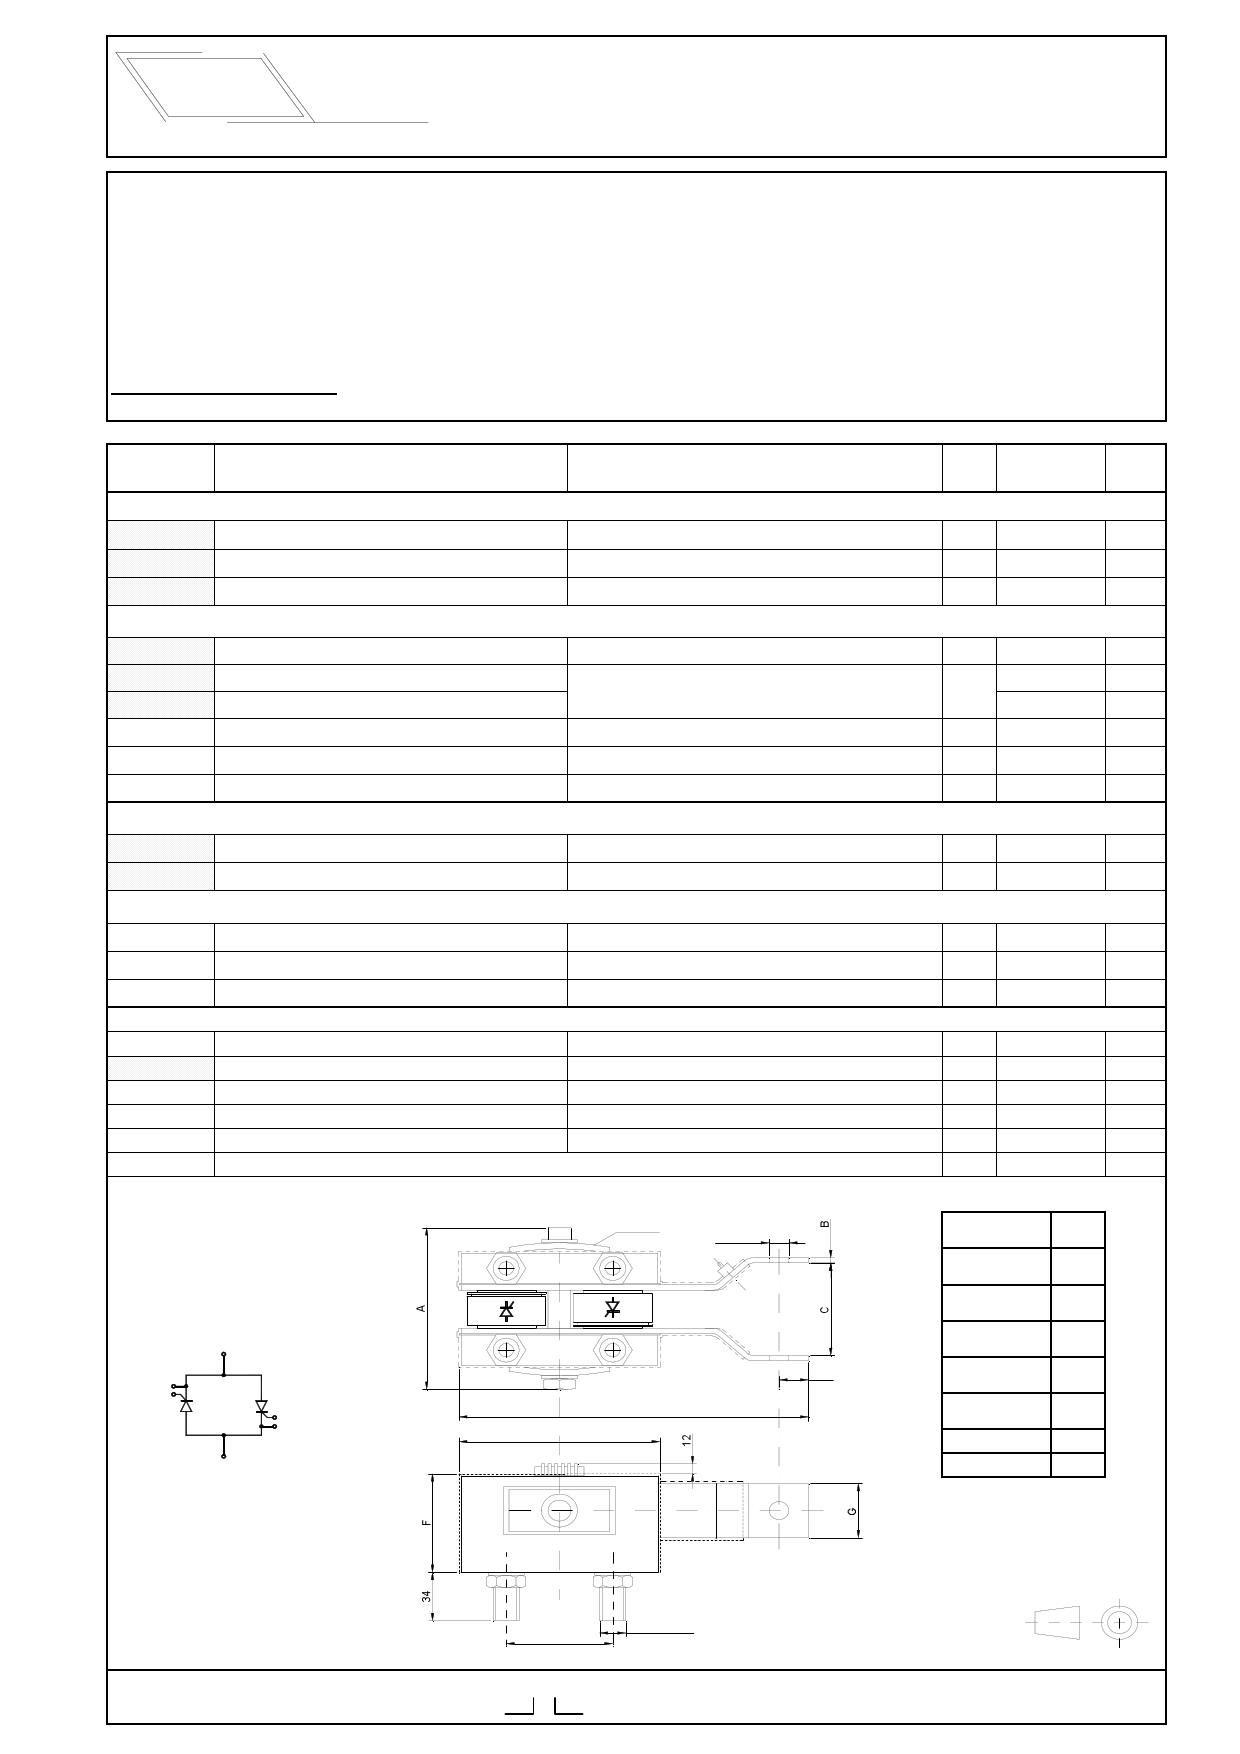 2-2W5I-AT603S16 даташит PDF